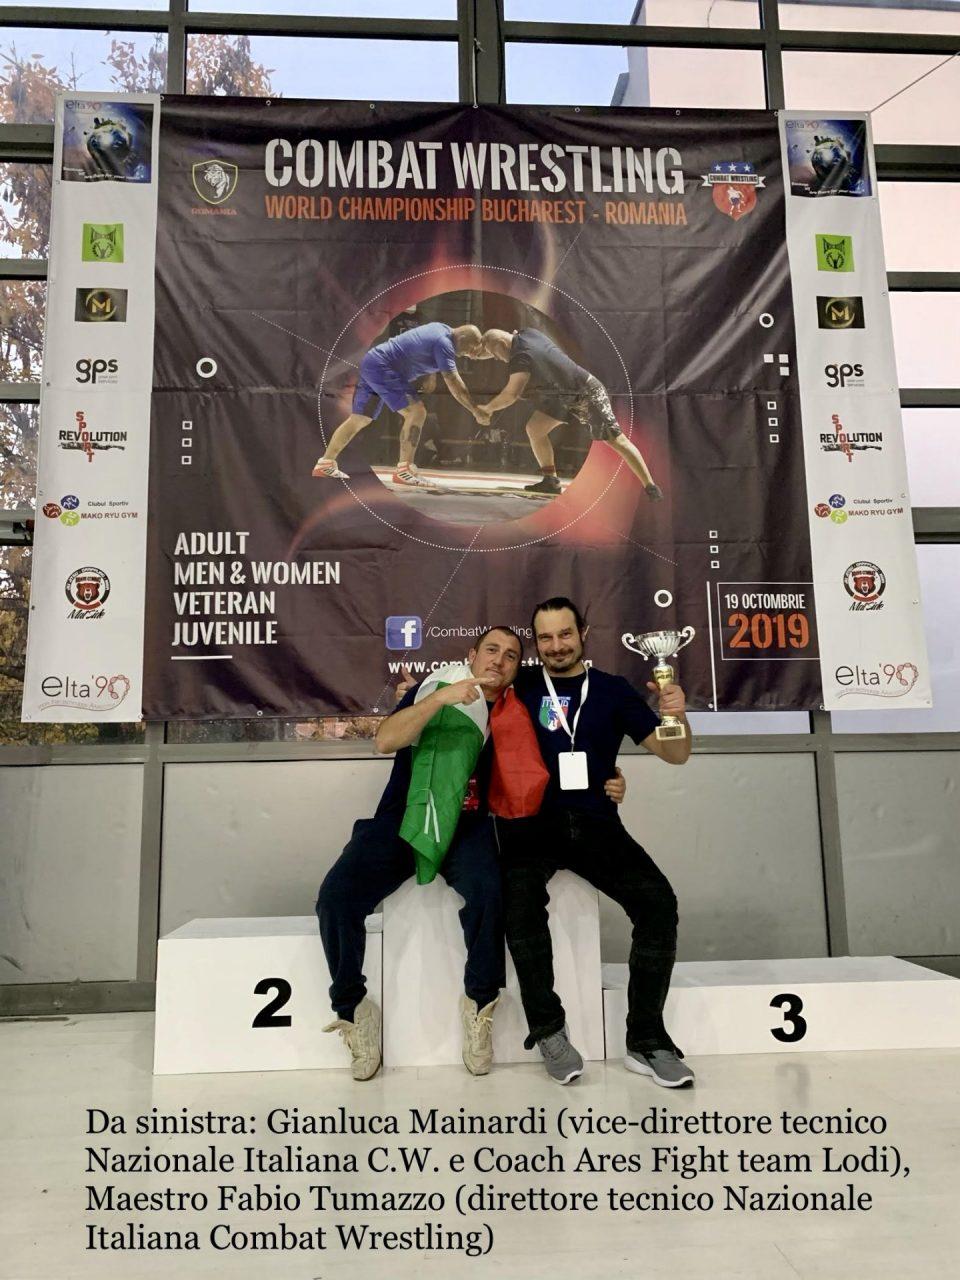 Campioni del mondo: tre oro e un argento per l'Ares Figh Team di Lodi